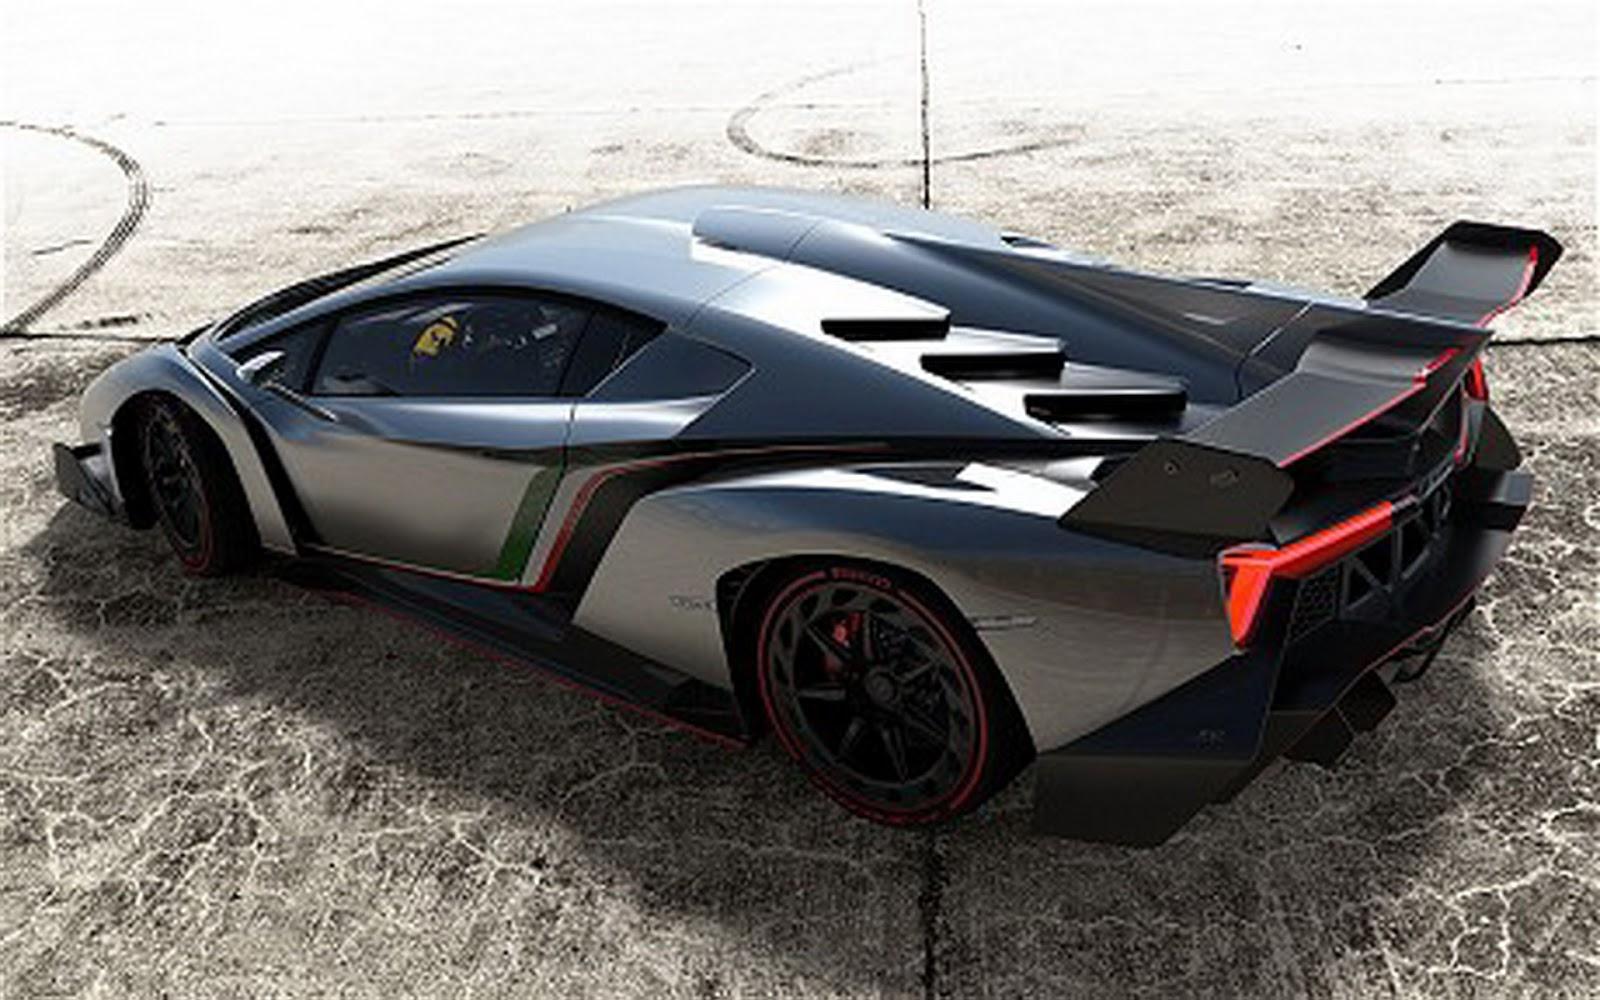 http://4.bp.blogspot.com/-bgr8u7e0d0E/UVJ03ZmpetI/AAAAAAAAJaM/R-hqG4zy798/s1600/Lamborghini+Veneno+HD+Wallpaper-1920x1200-coolhd-wallpapers.com.jpg